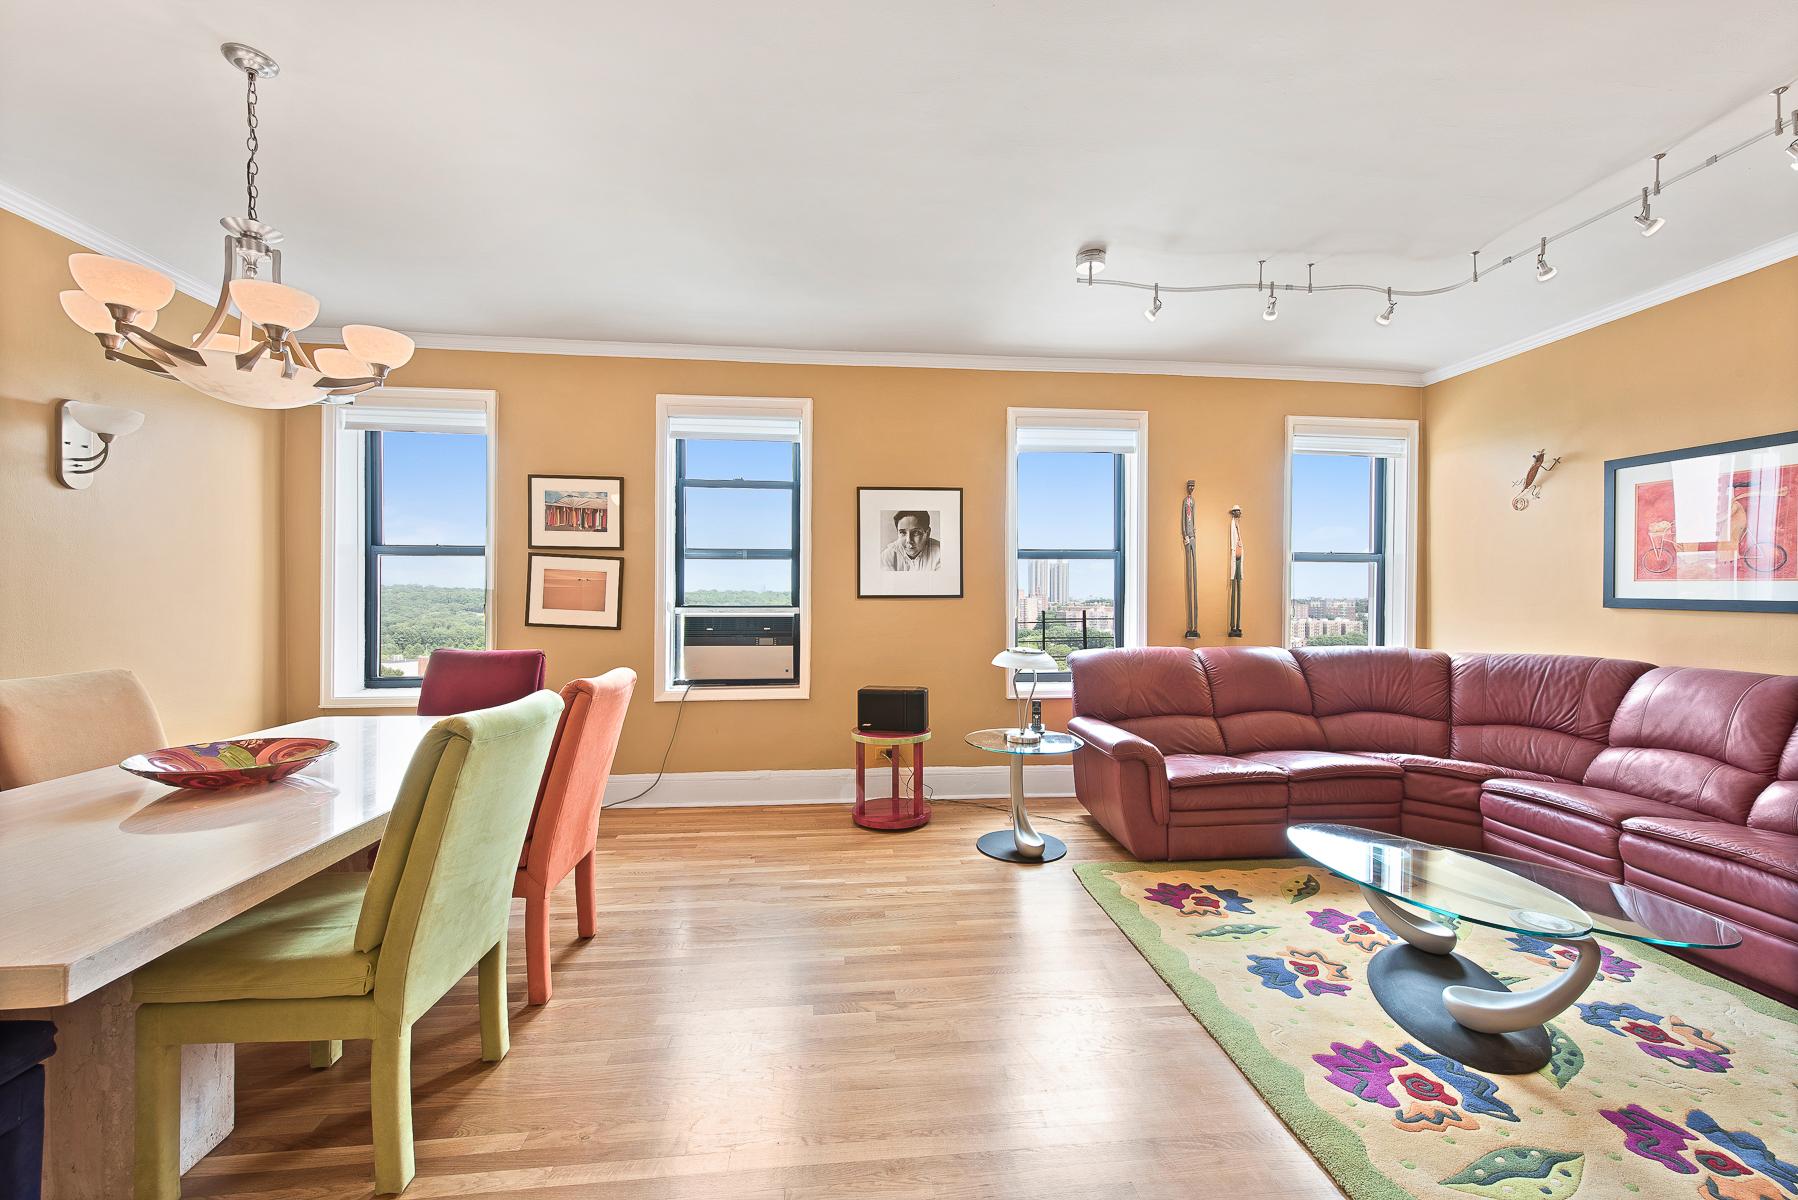 코압 용 매매 에 Extraordinary and Spacious 3 BR Renovated Co-op 3875 Waldo Avenue 11T Riverdale, Bronx, 뉴욕, 10463 미국